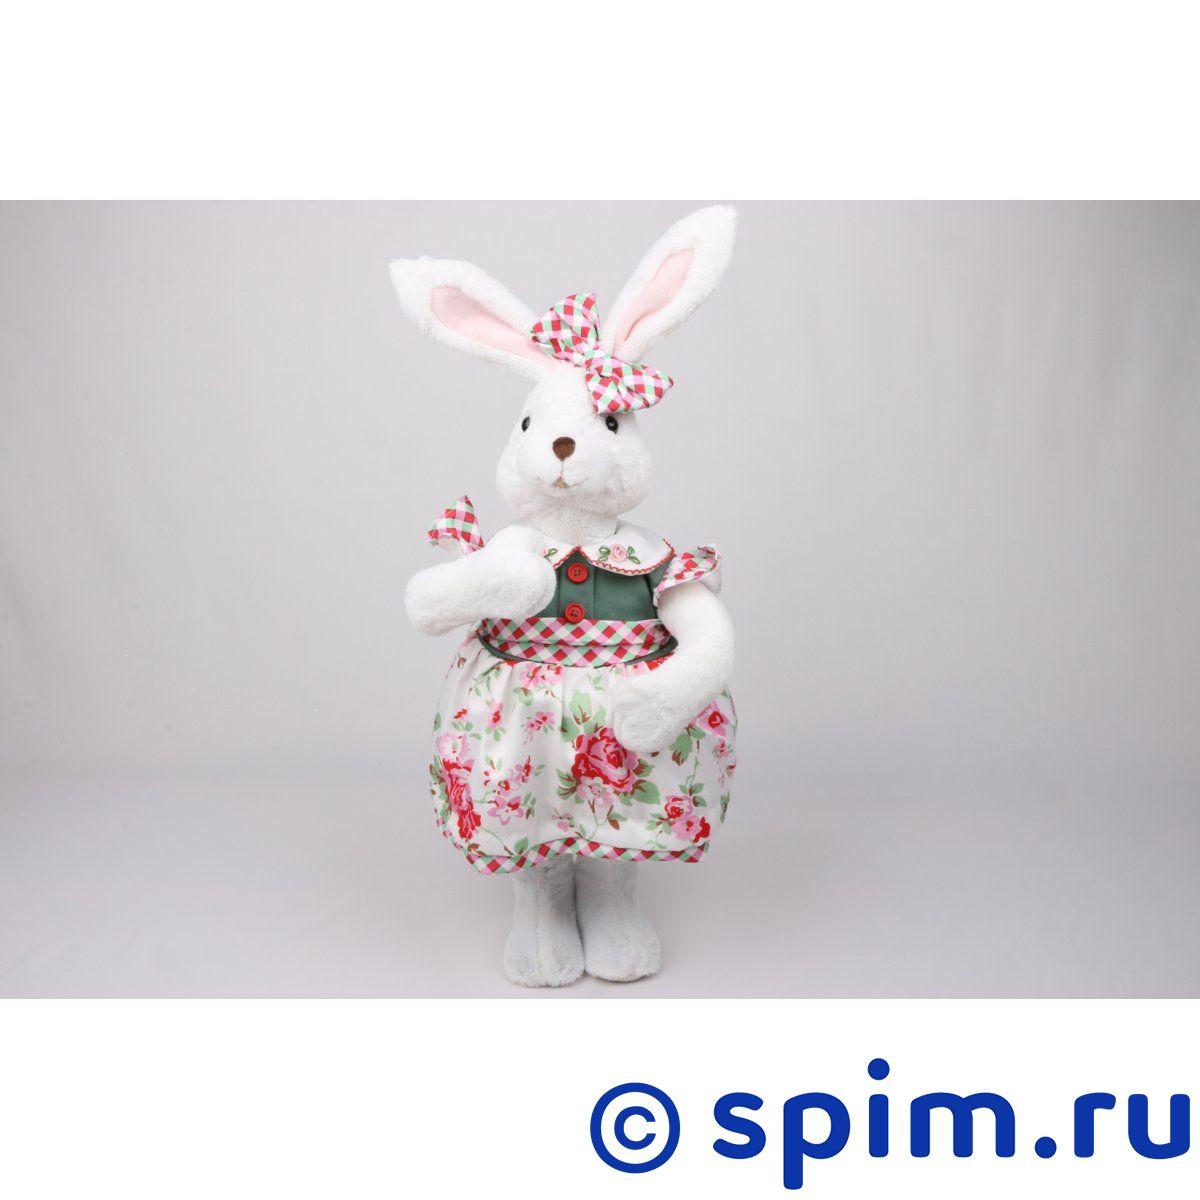 Интерьерная кукла Зайчиха C21-228221